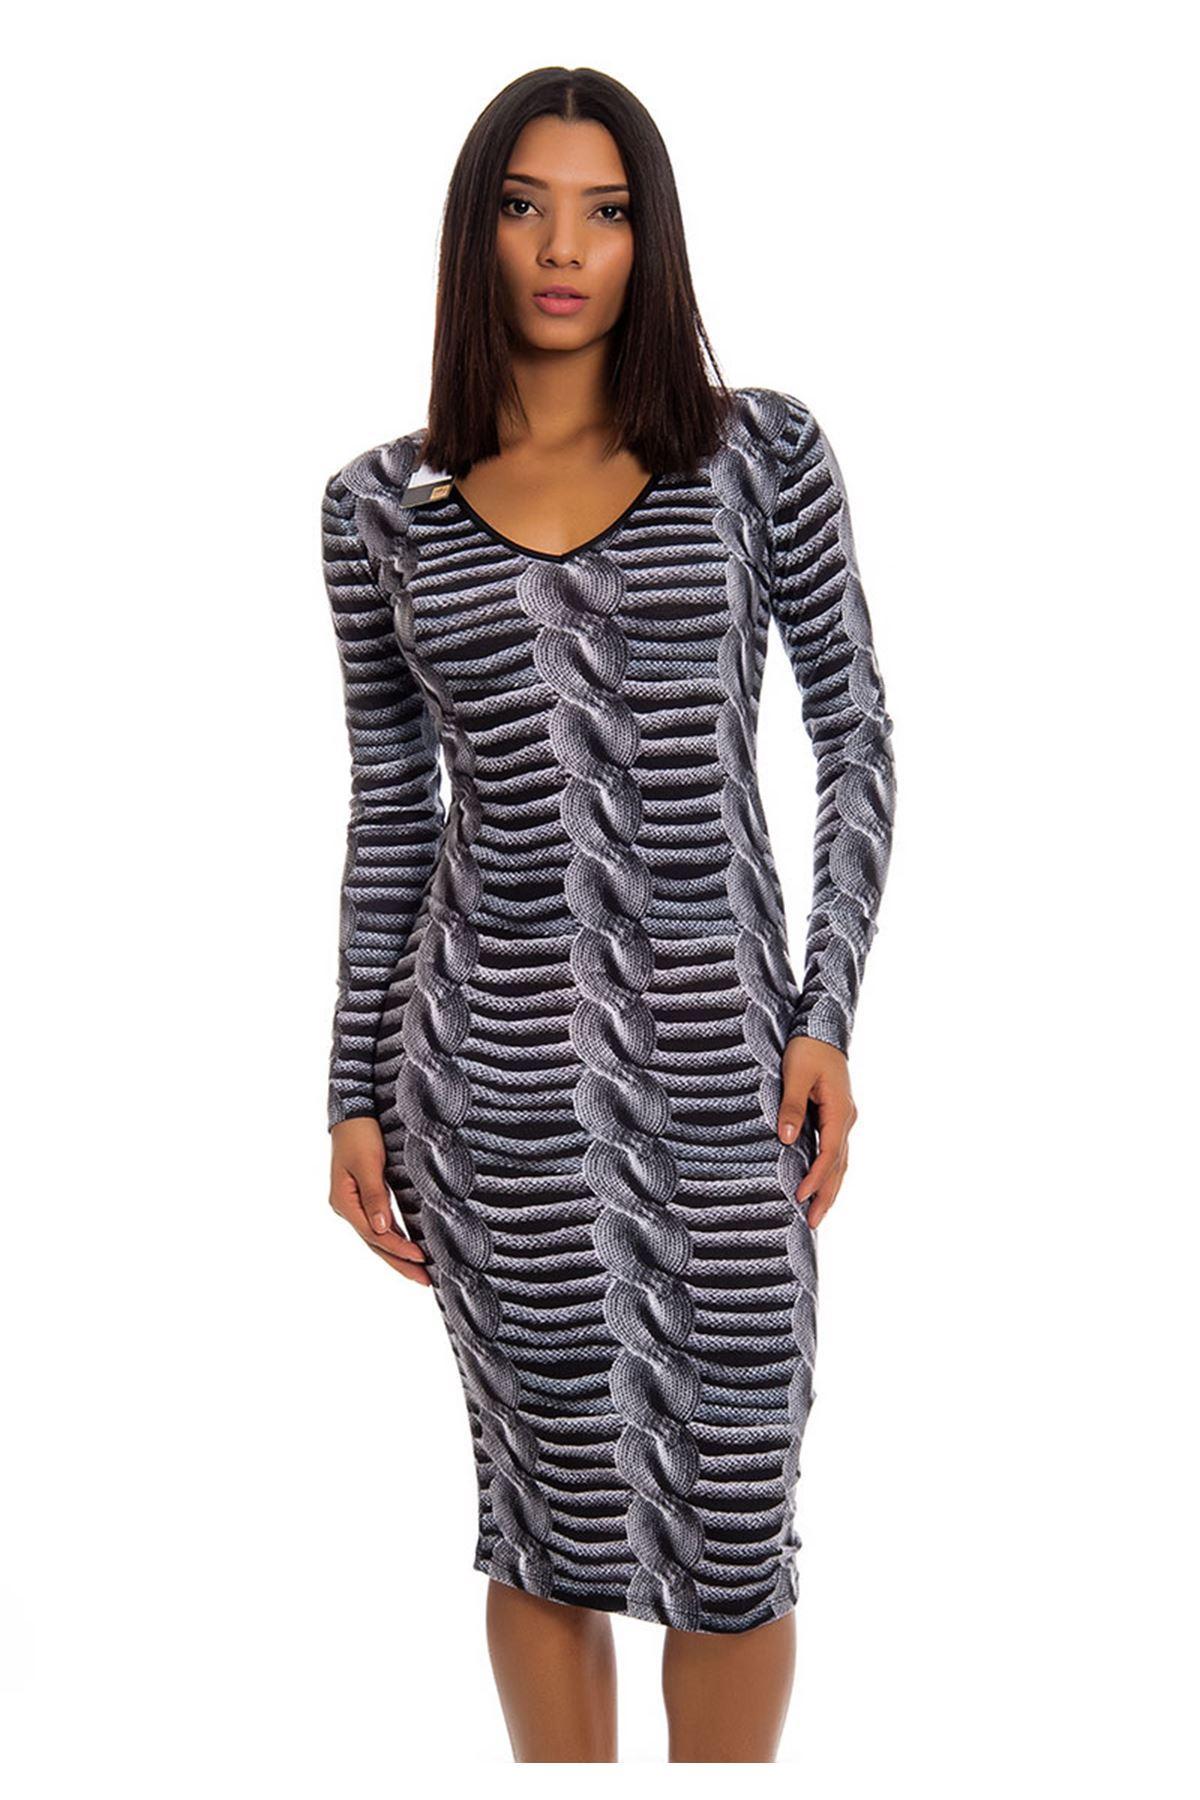 Gri Desenli V Yaka Kadın Elbise H8-123792